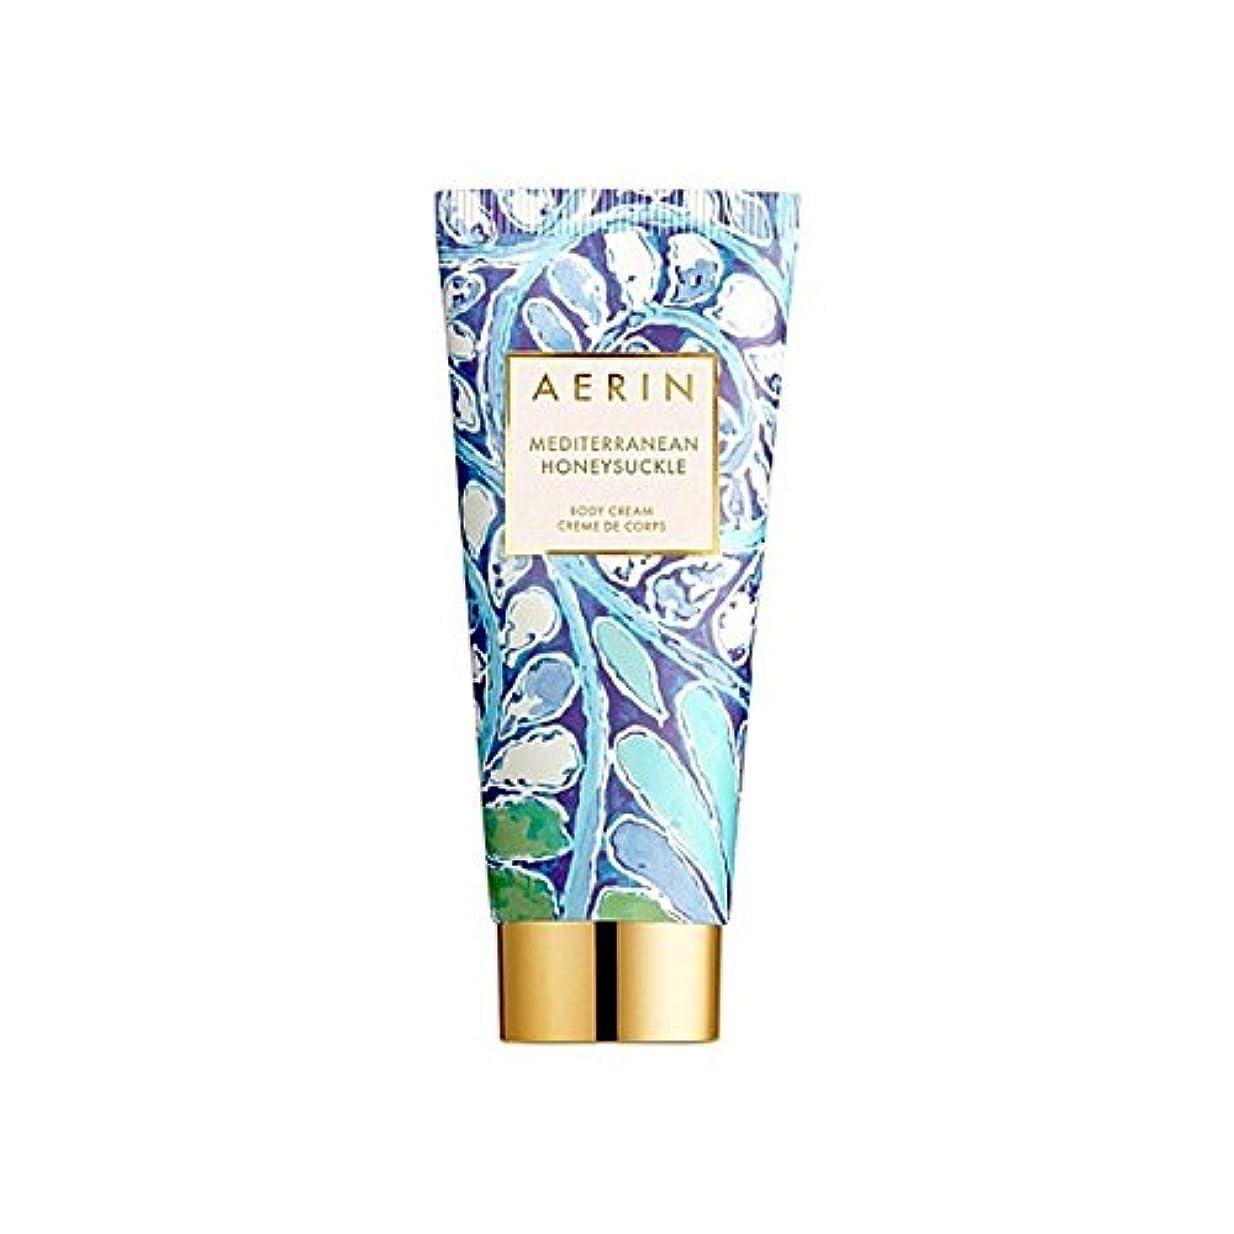 原油住む肥料Aerin Mediterrenean Honeysuckle Body Cream 150ml (Pack of 6) - スイカズラボディクリーム150ミリリットル x6 [並行輸入品]